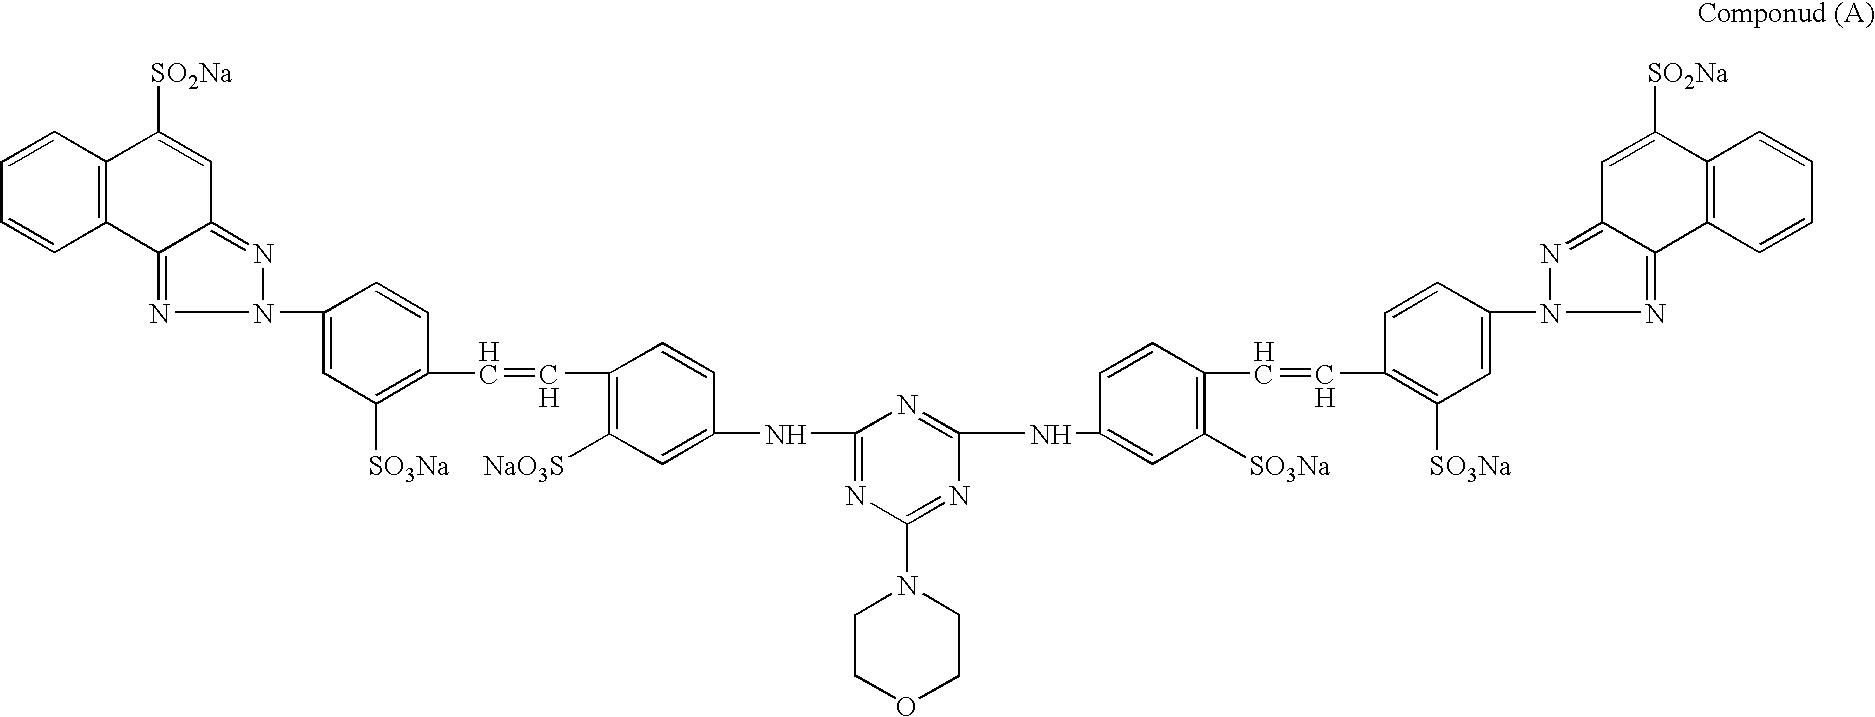 Figure US20070034114A1-20070215-C00005